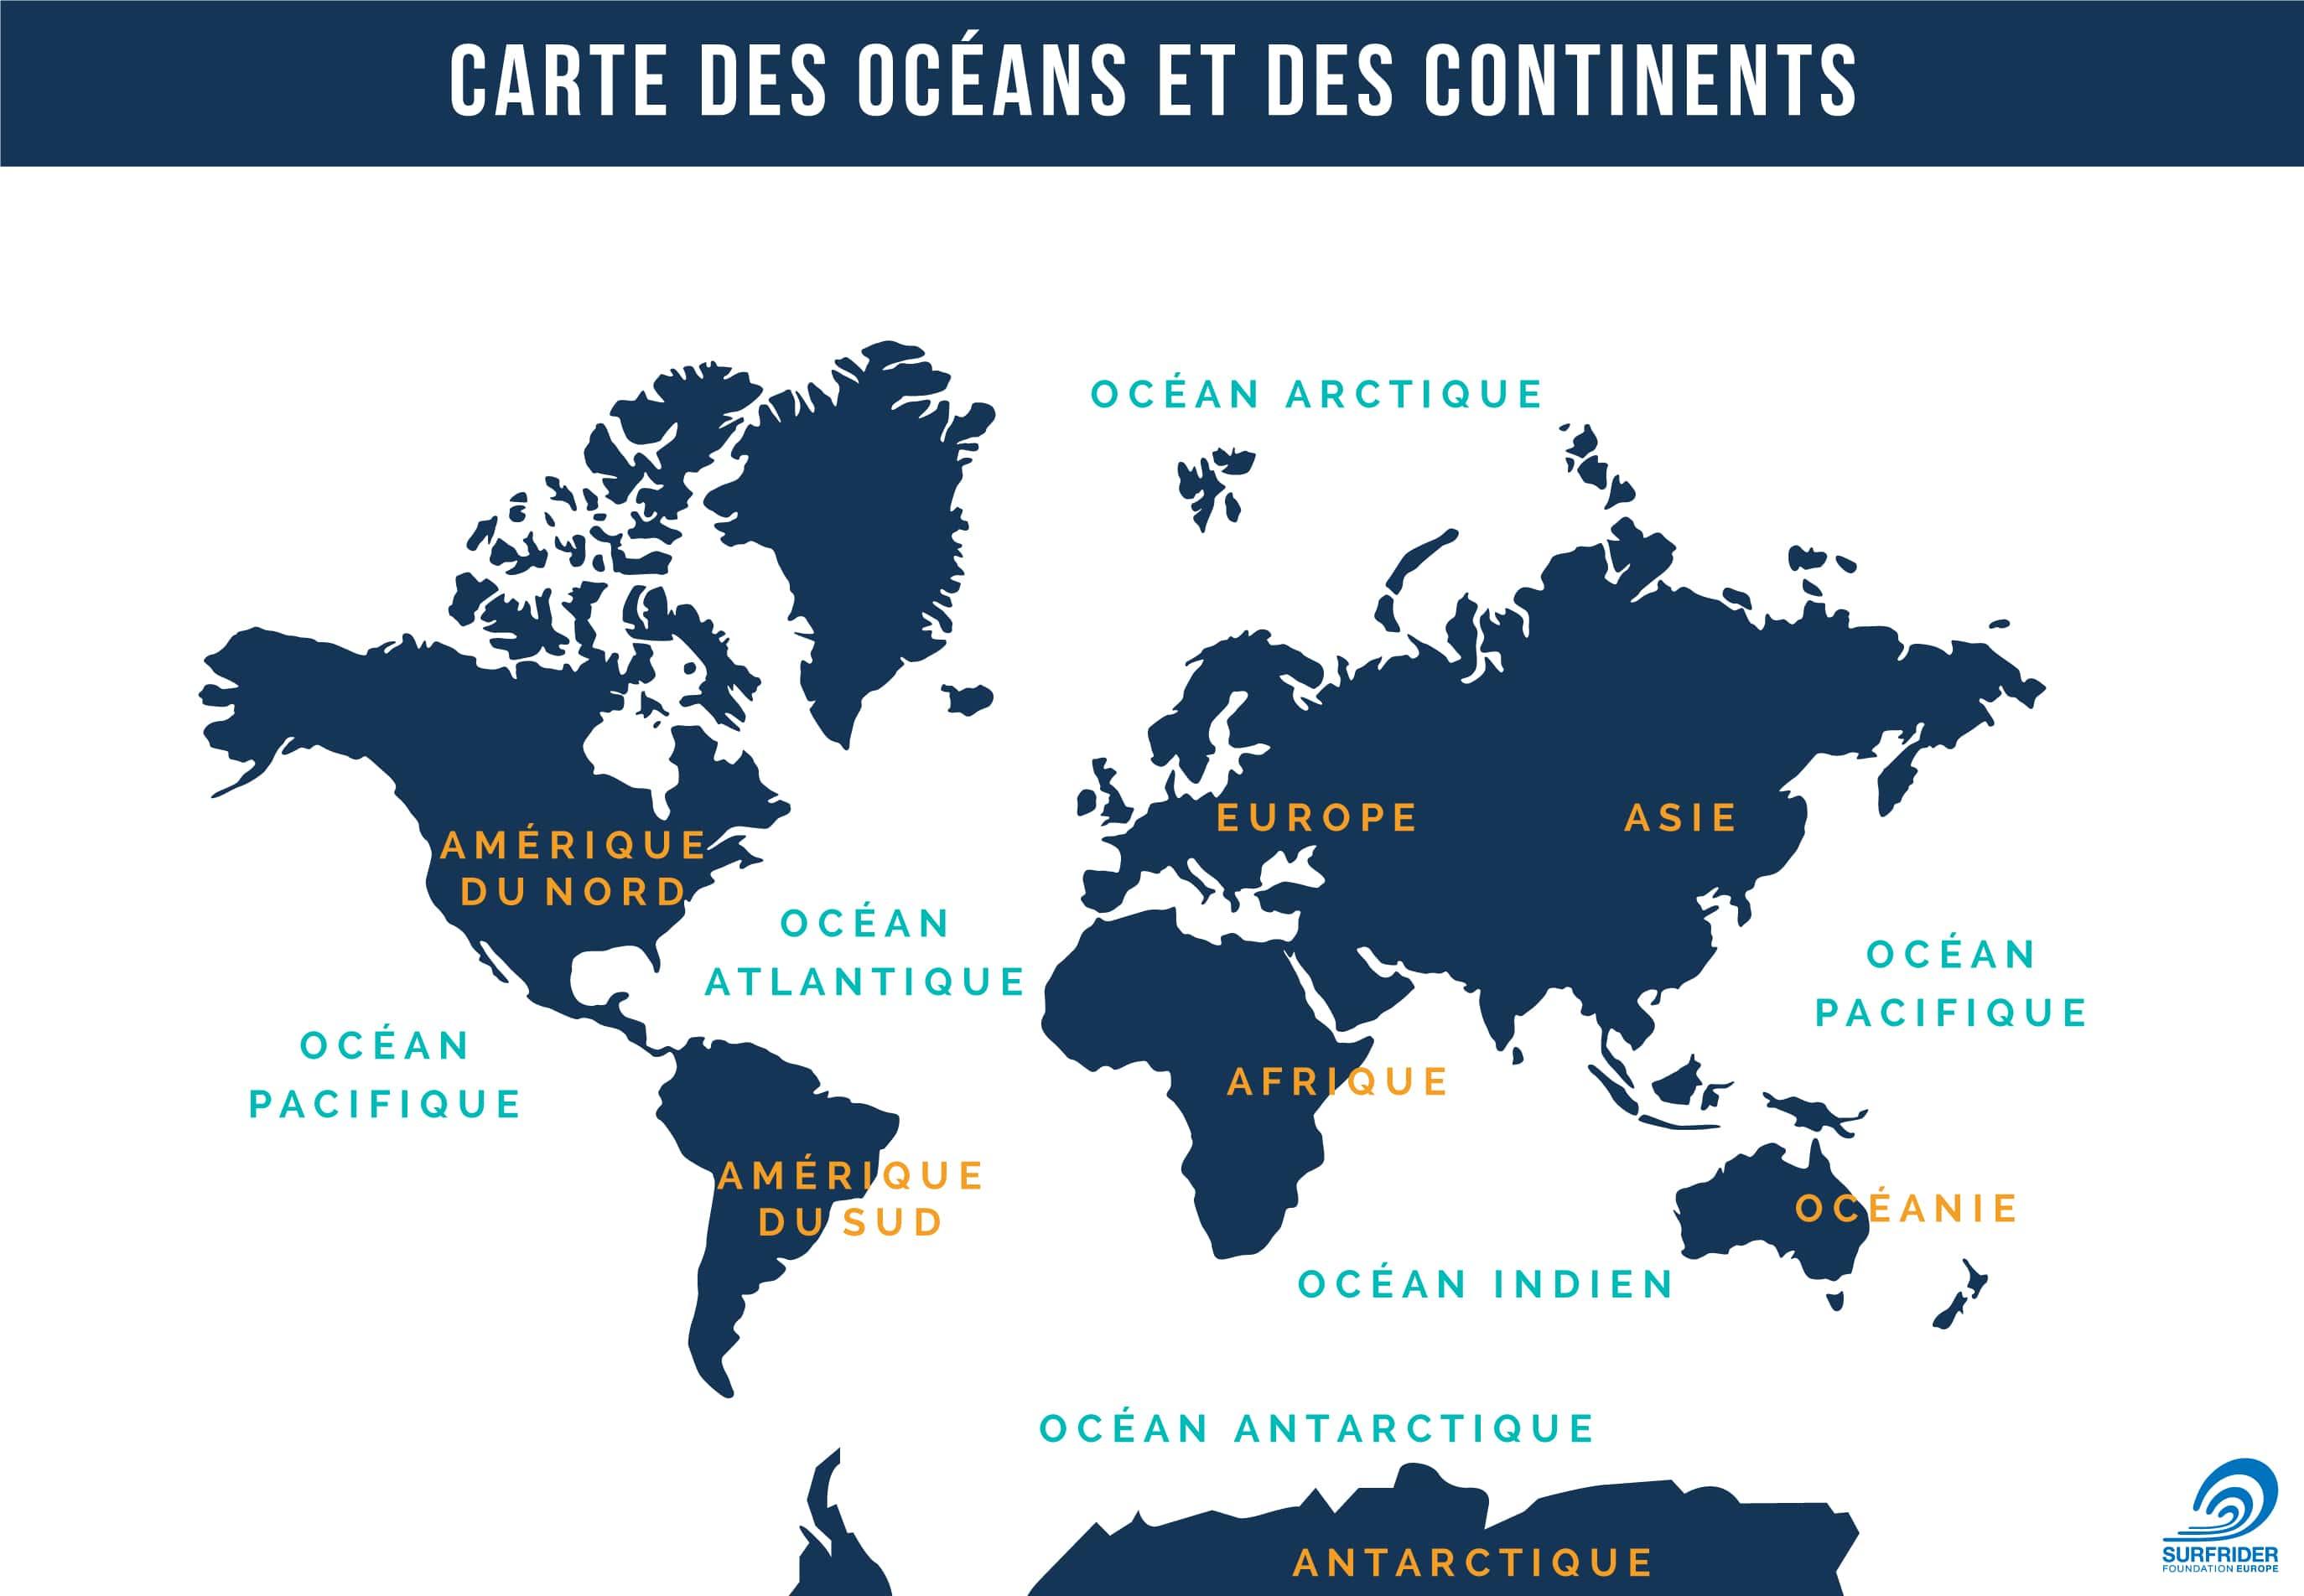 Carte Marine Afrique Du Sud.Carte Des Oceans Et Des Continents Surfrider Ocean Campus